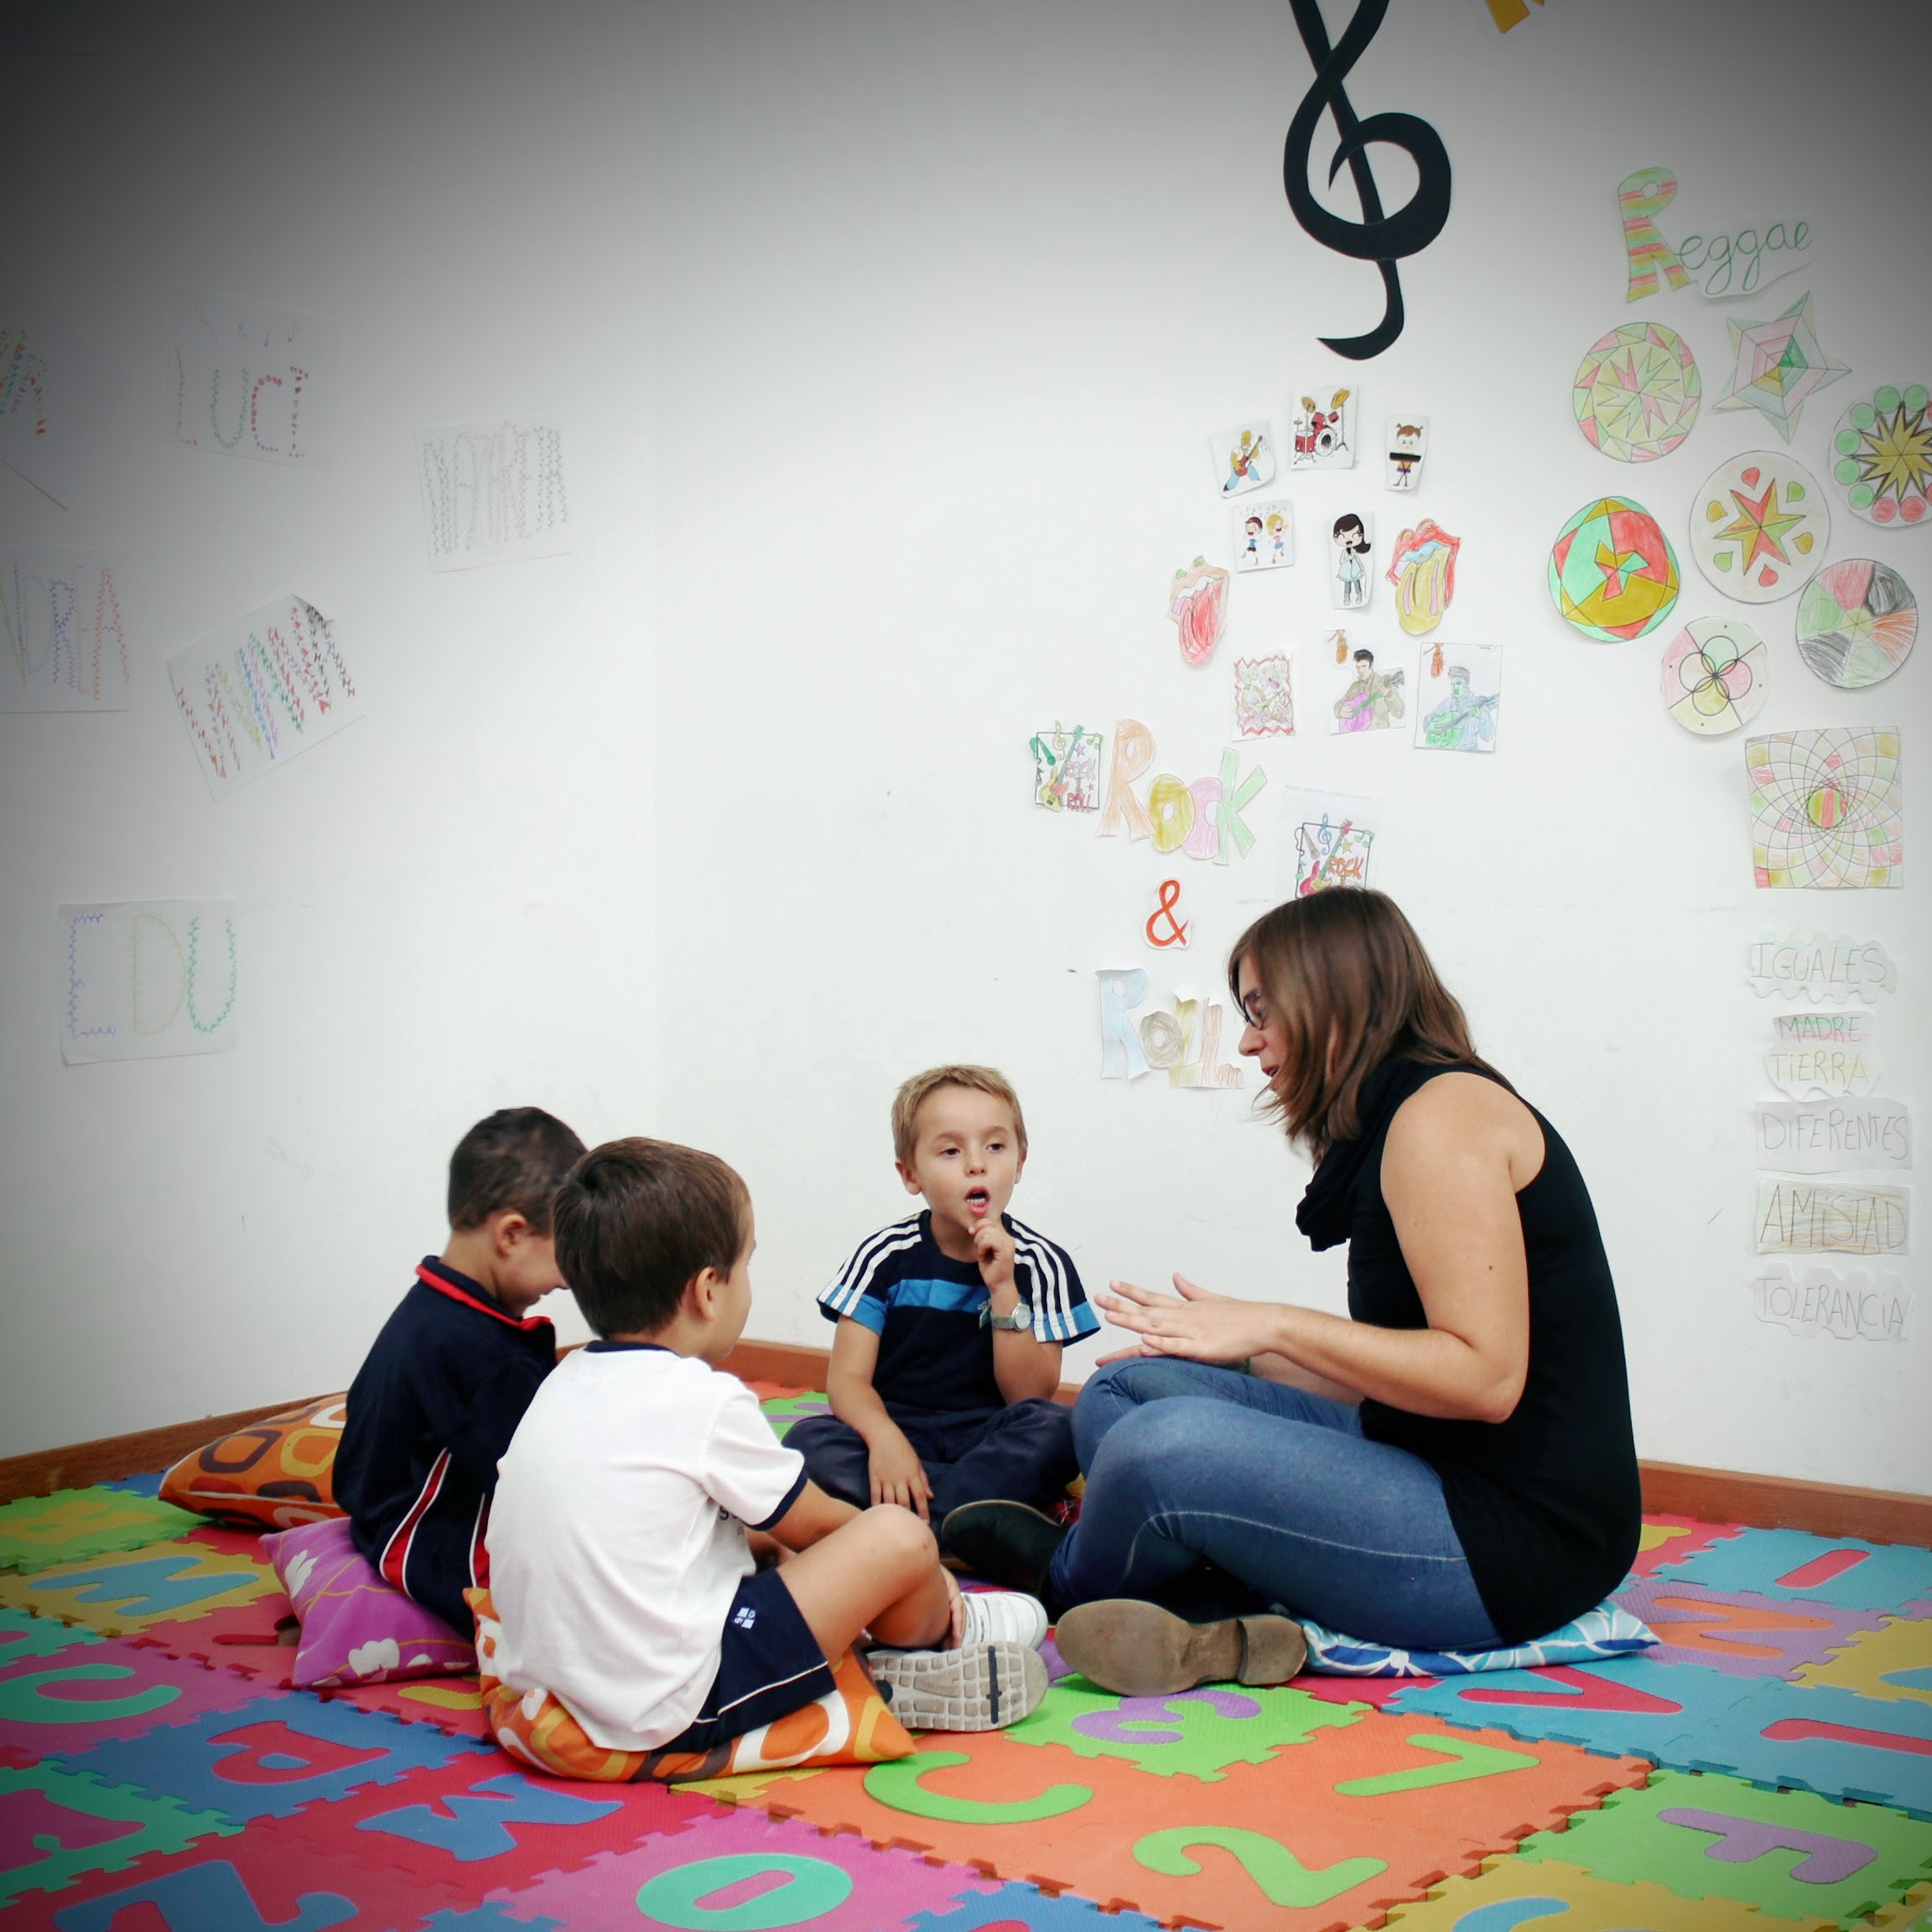 Taller de iniciación y sensibilización musical para niños